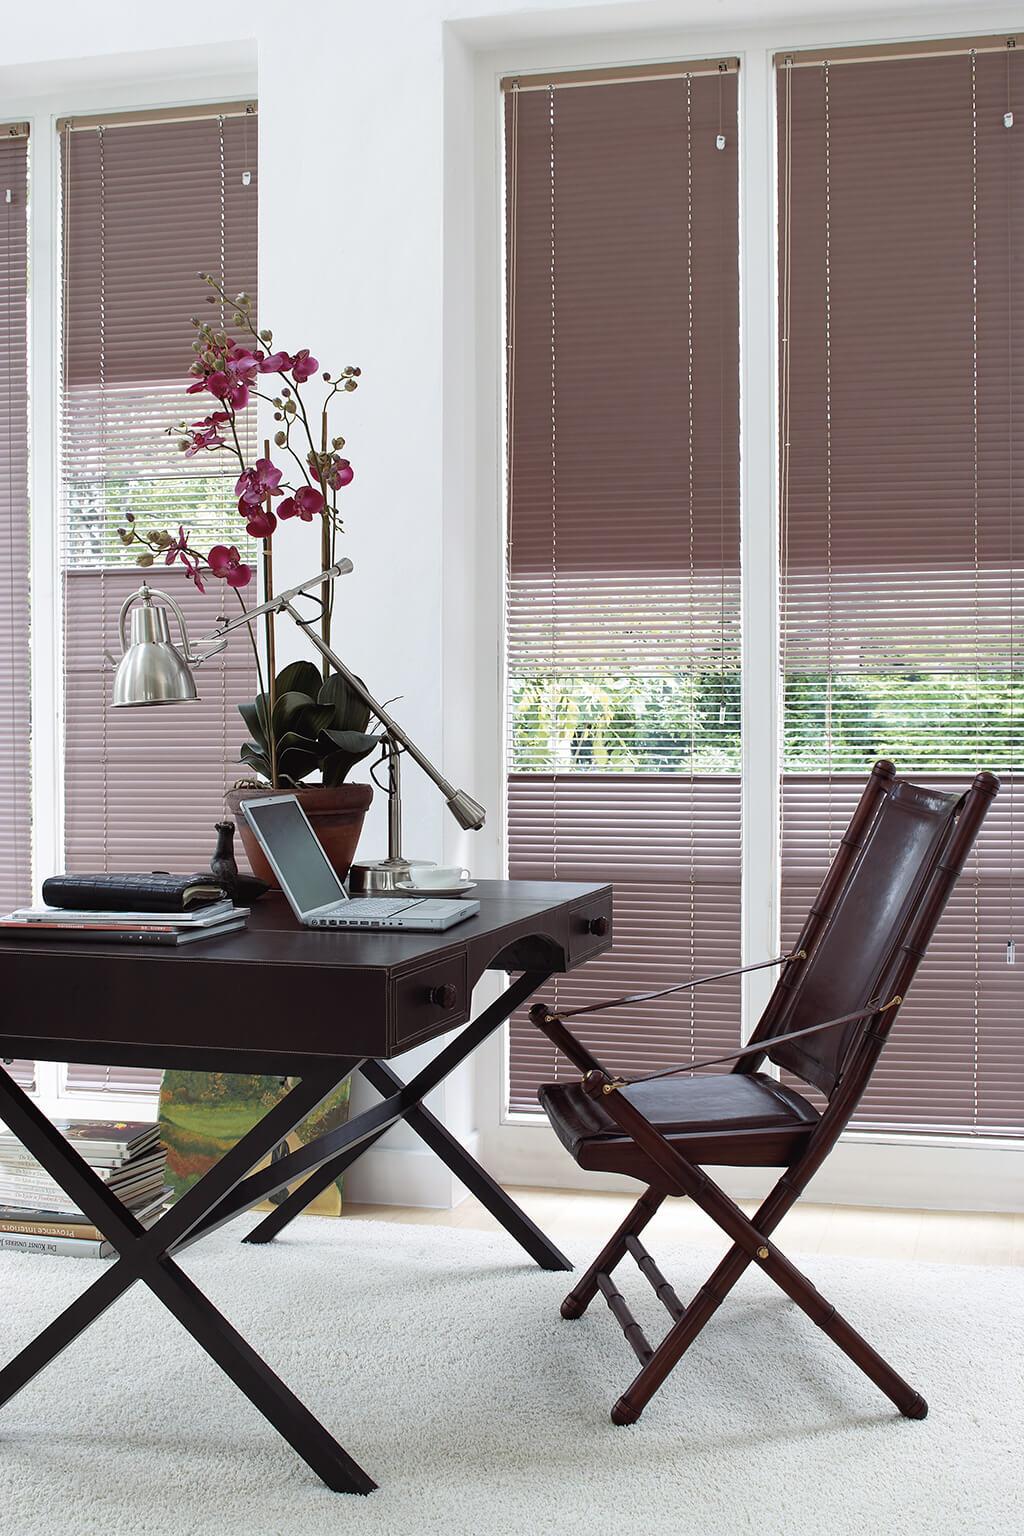 Beige Alu-Jalousie an deckenhohen Fenstern mit Ledertisch im Vordergrund